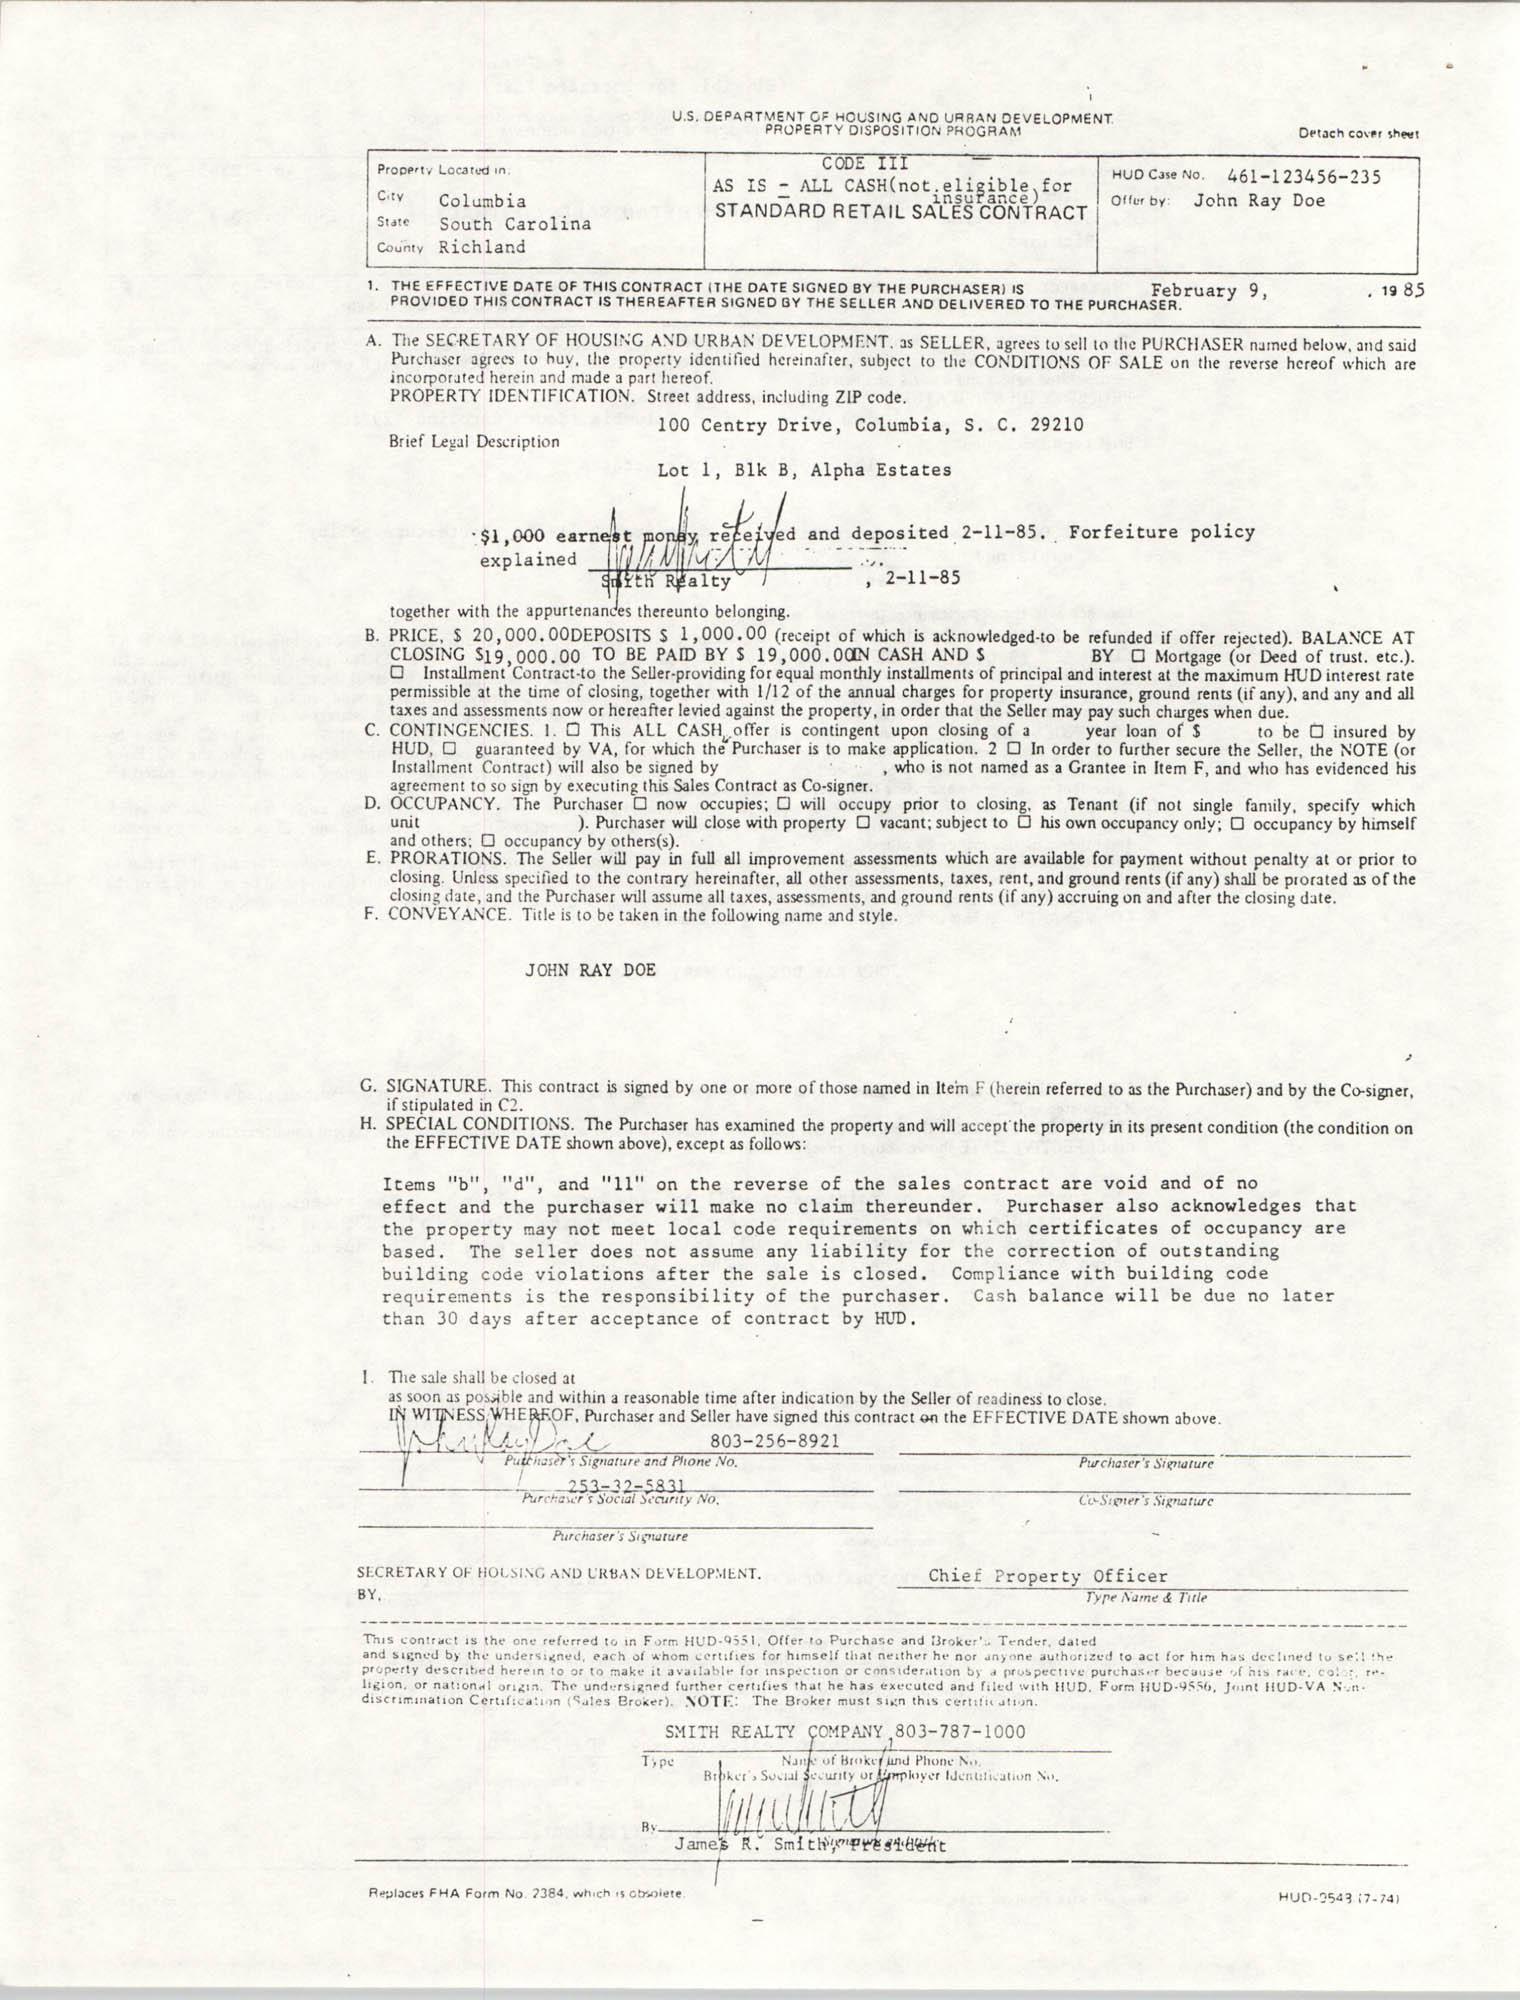 Standard Retail Sales Contract, Code III, Cash Example